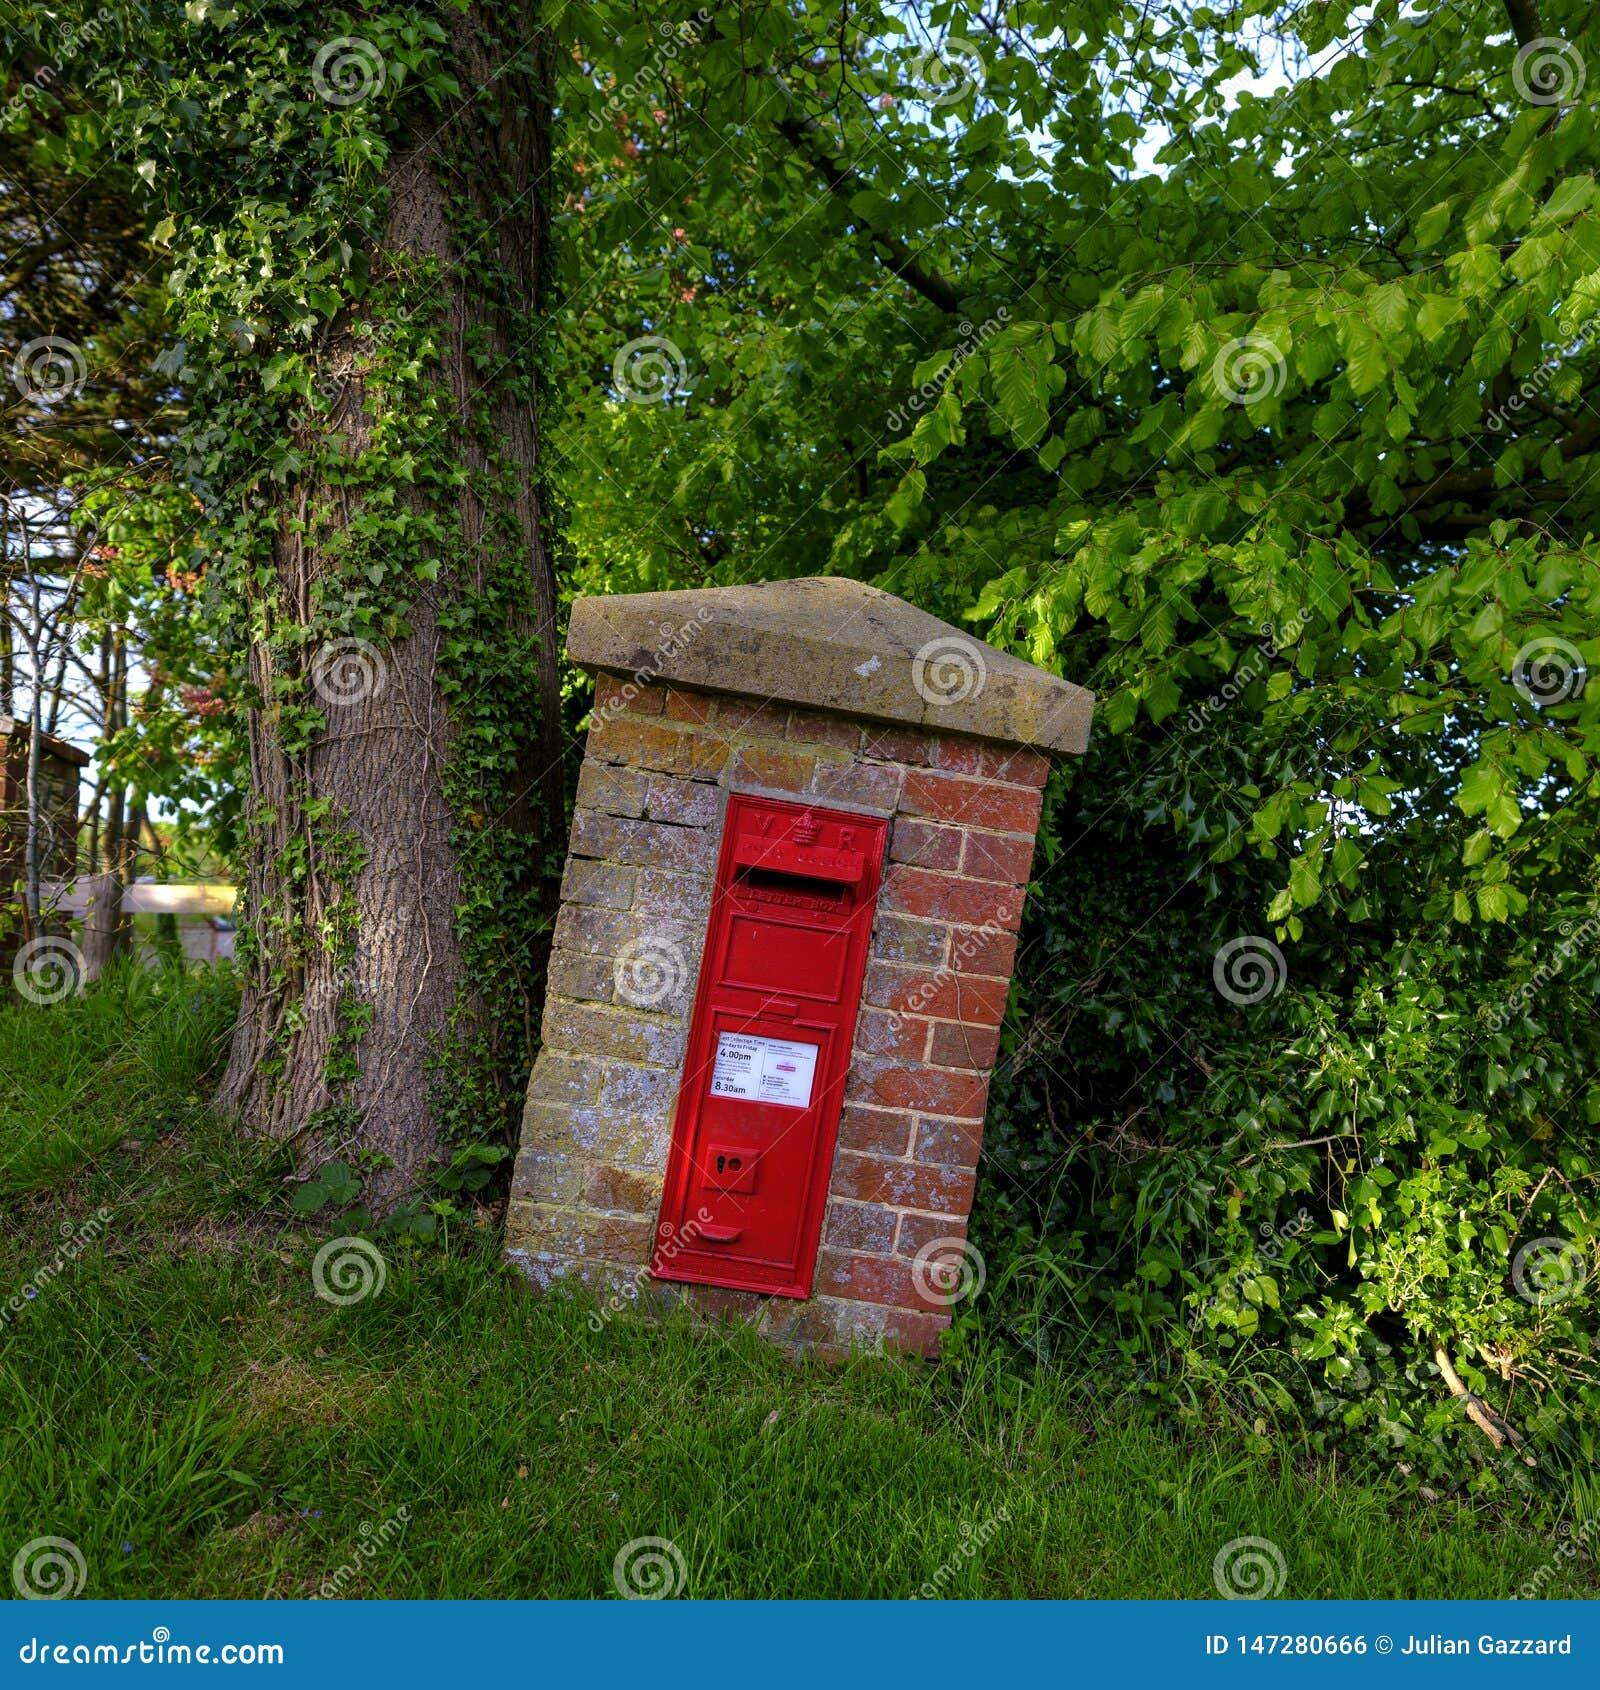 Buz?n de correos rural que es movido encima por un ?rbol creciente